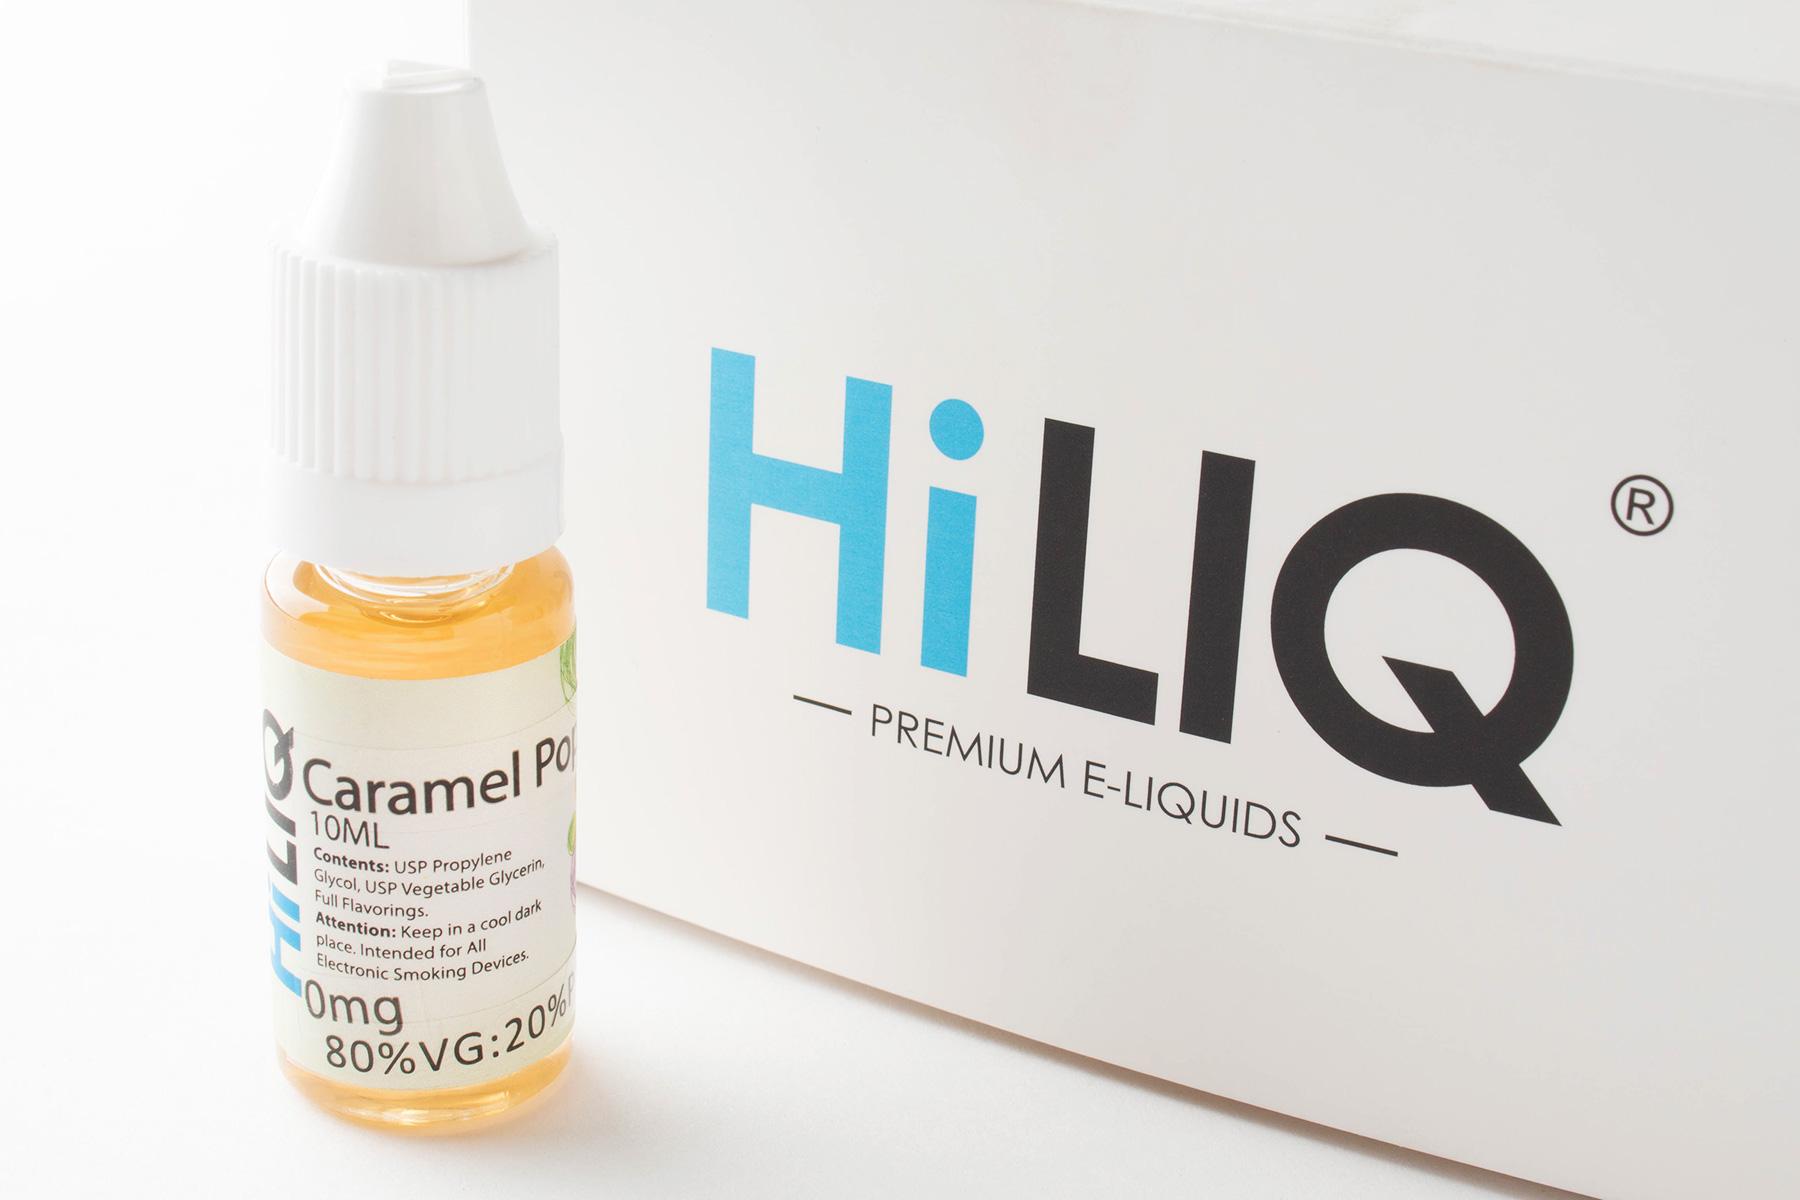 【リキッド】 Caramel Popcorn「キャラメルポップコーン」 (HiLIQ ハイリク) レビュー